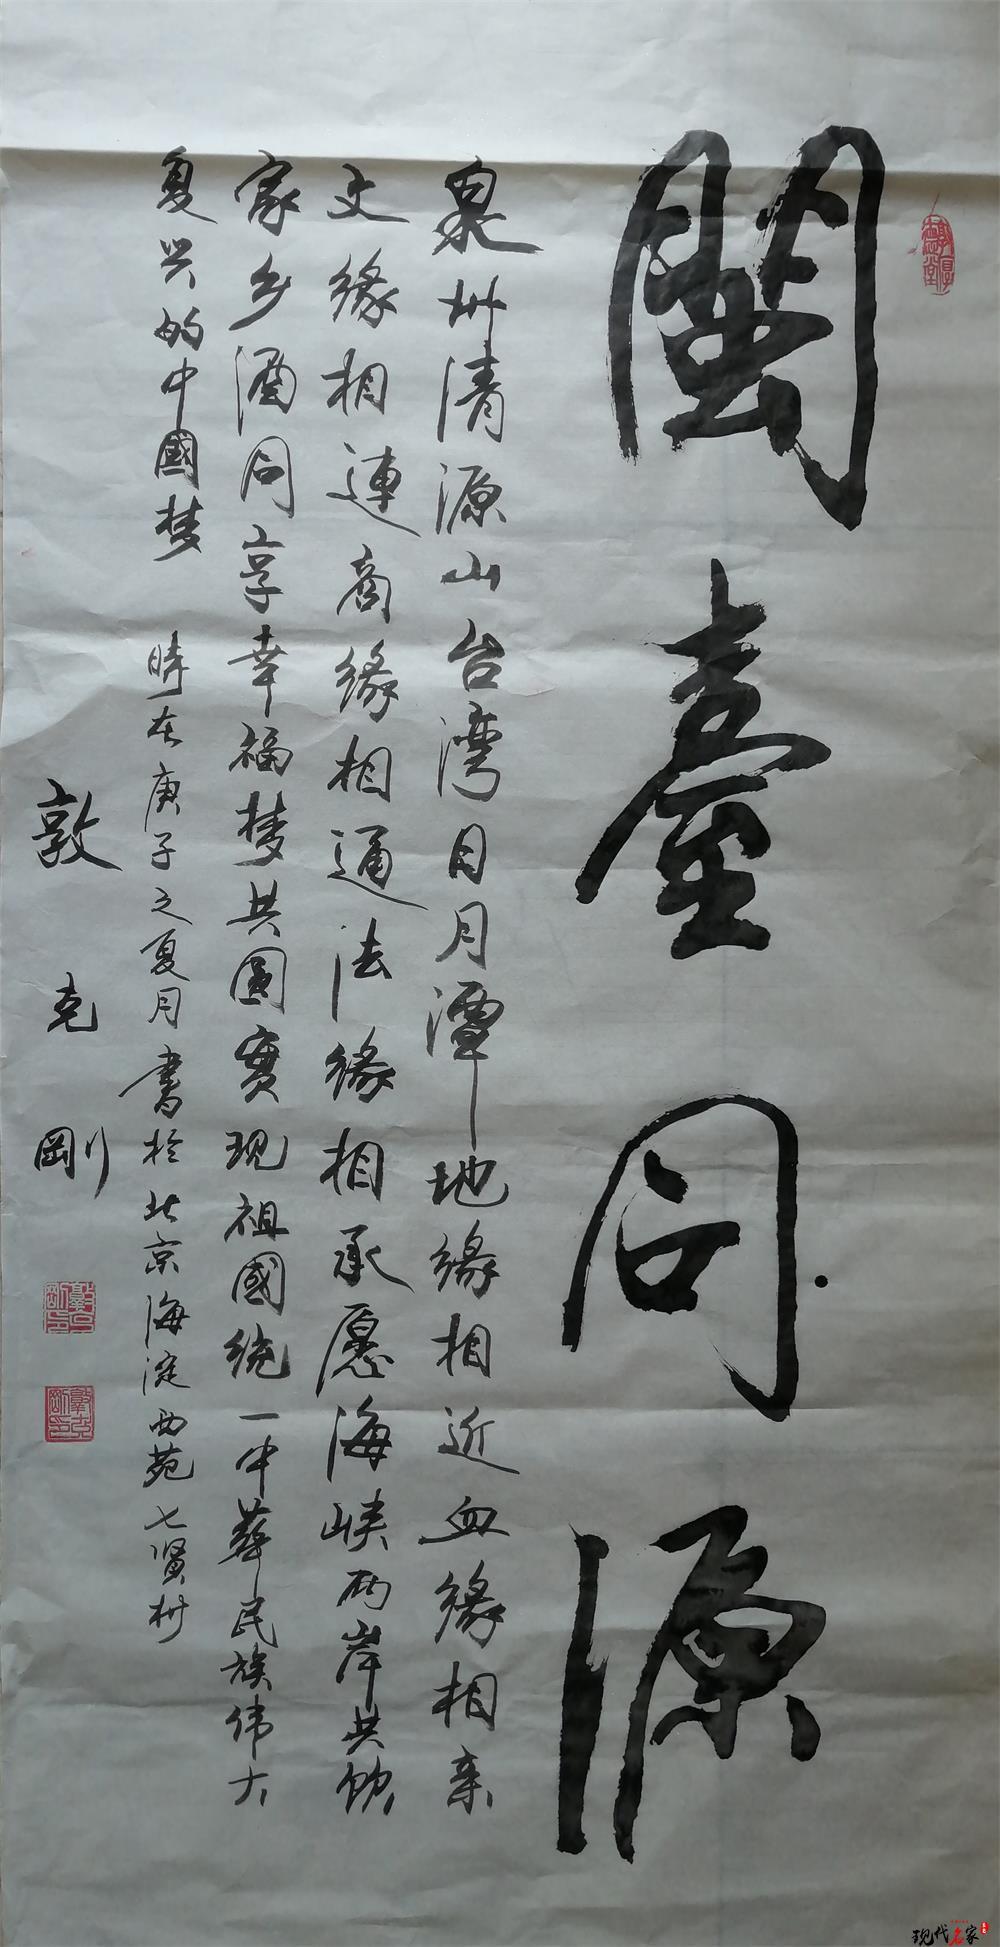 中国现代书法家——崔炳顺、卞为鹏、敦克刚-第8张